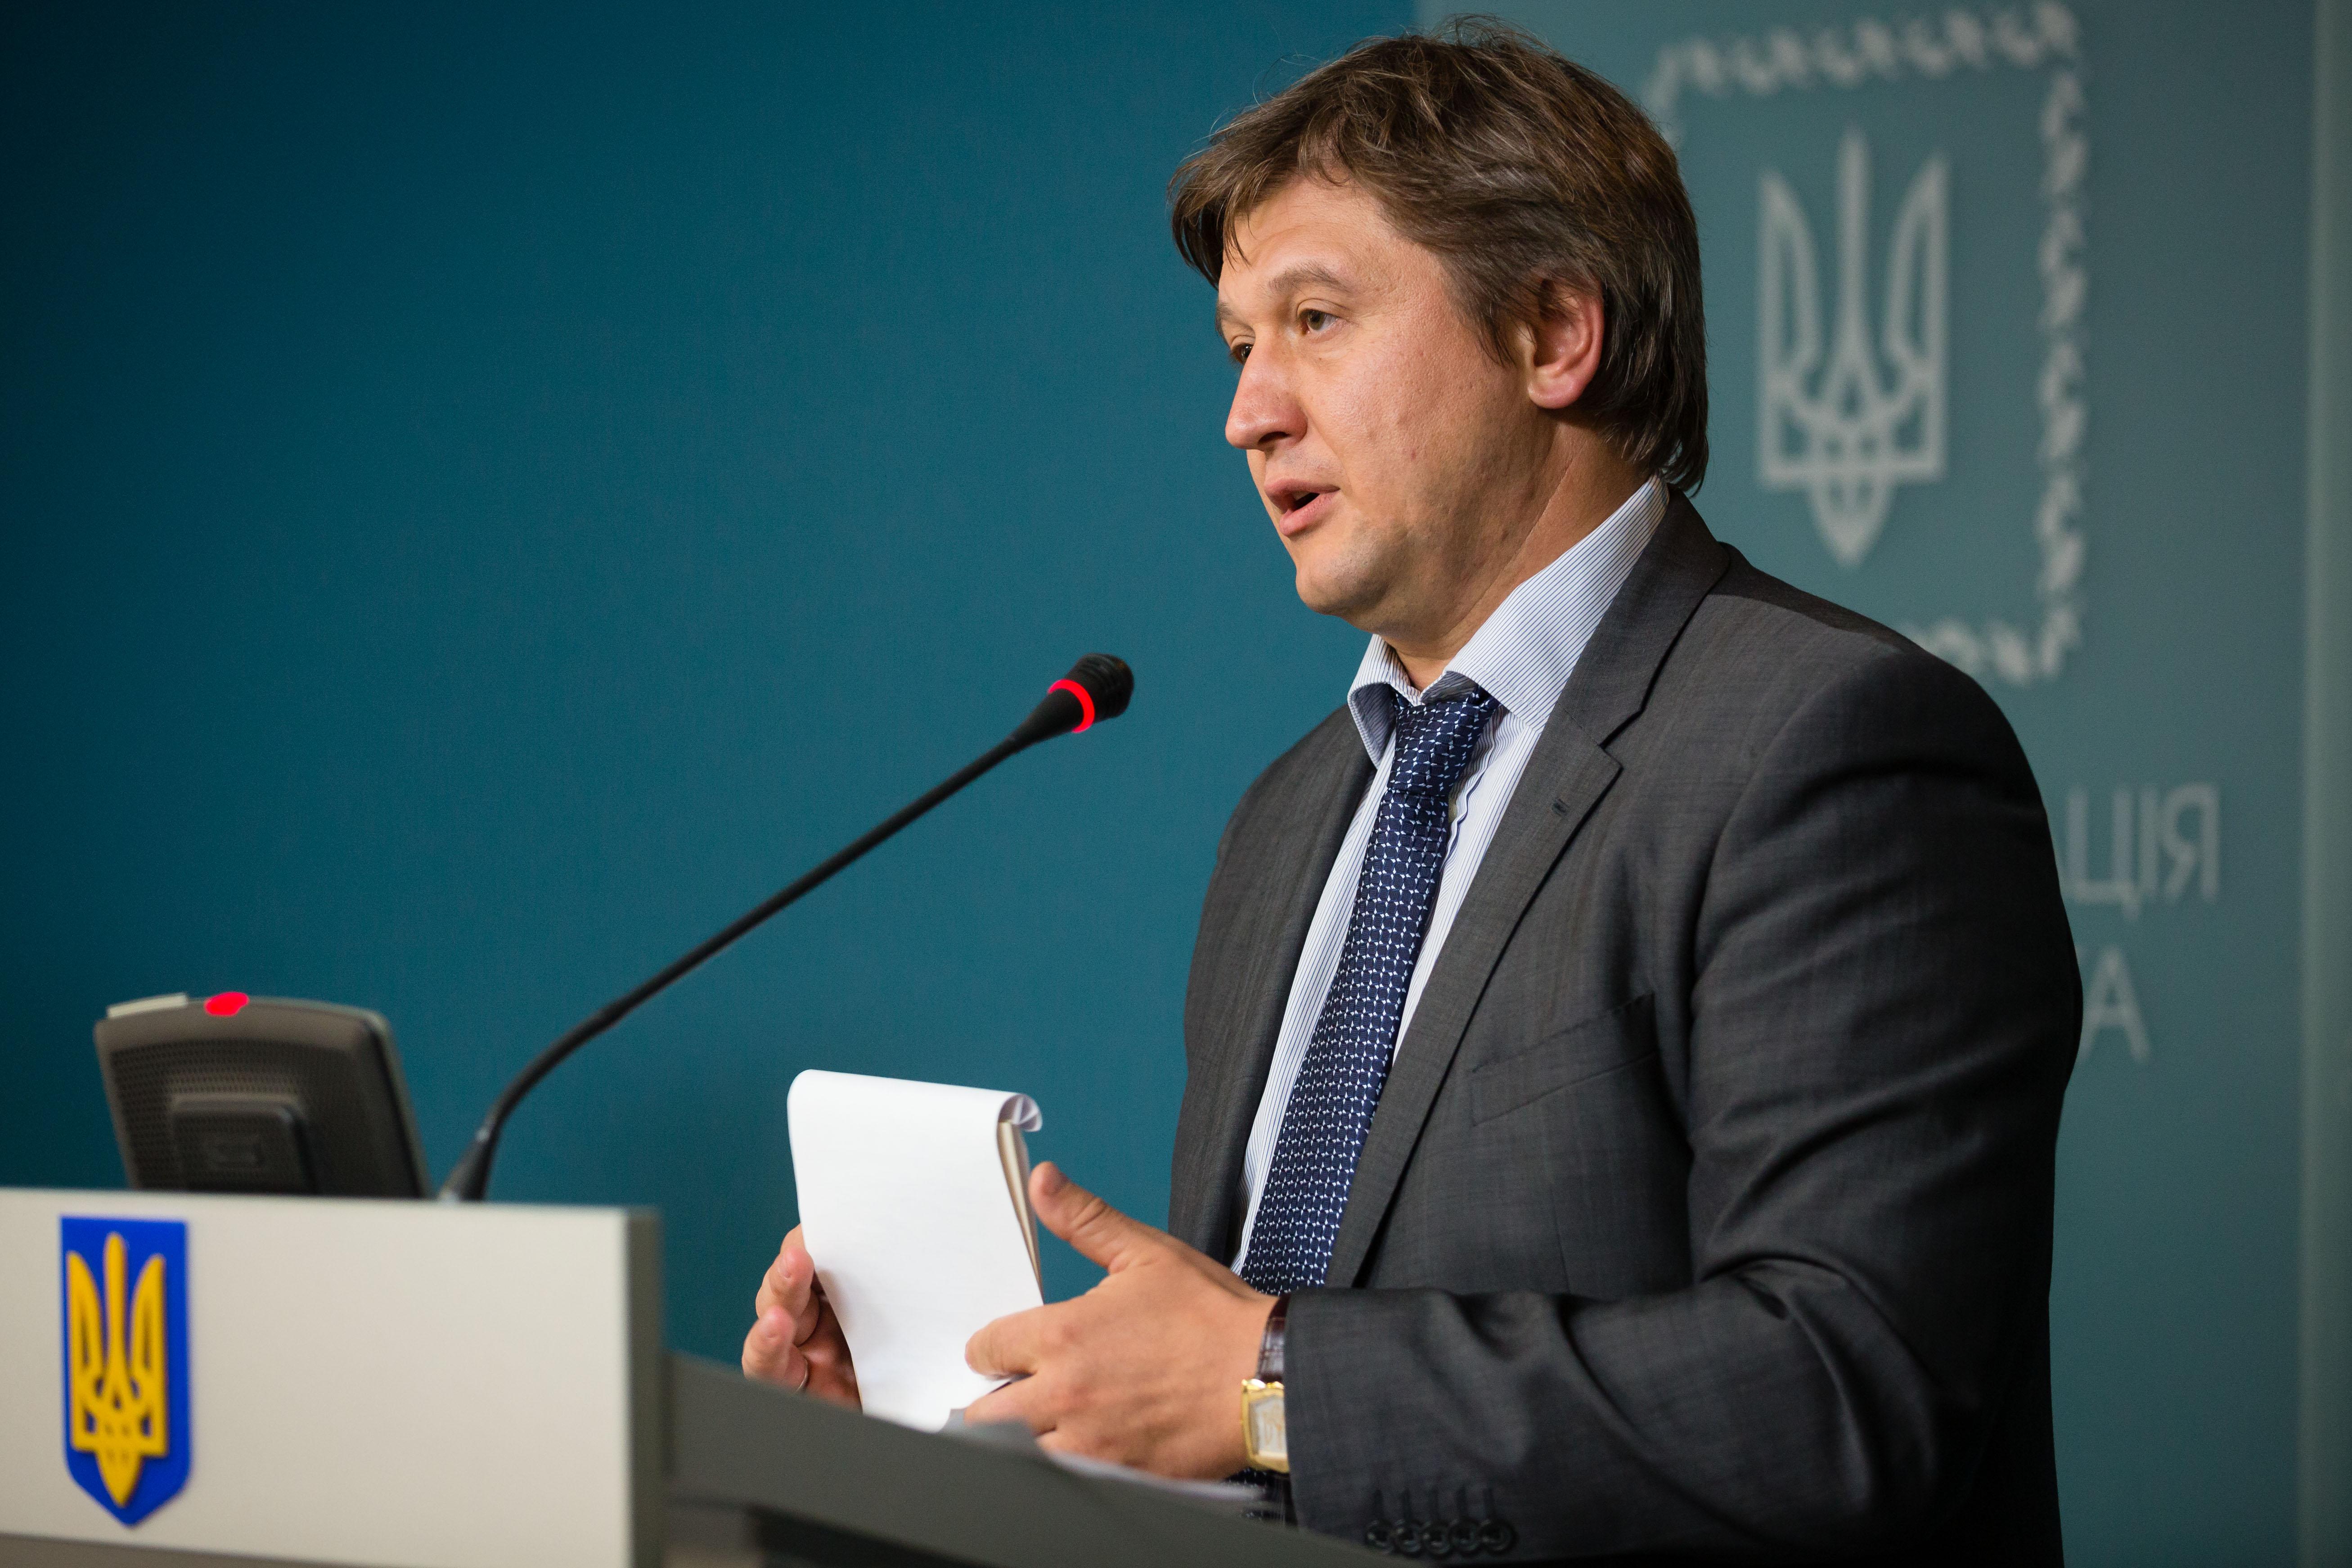 Новости юго-востока украины самые последние новости